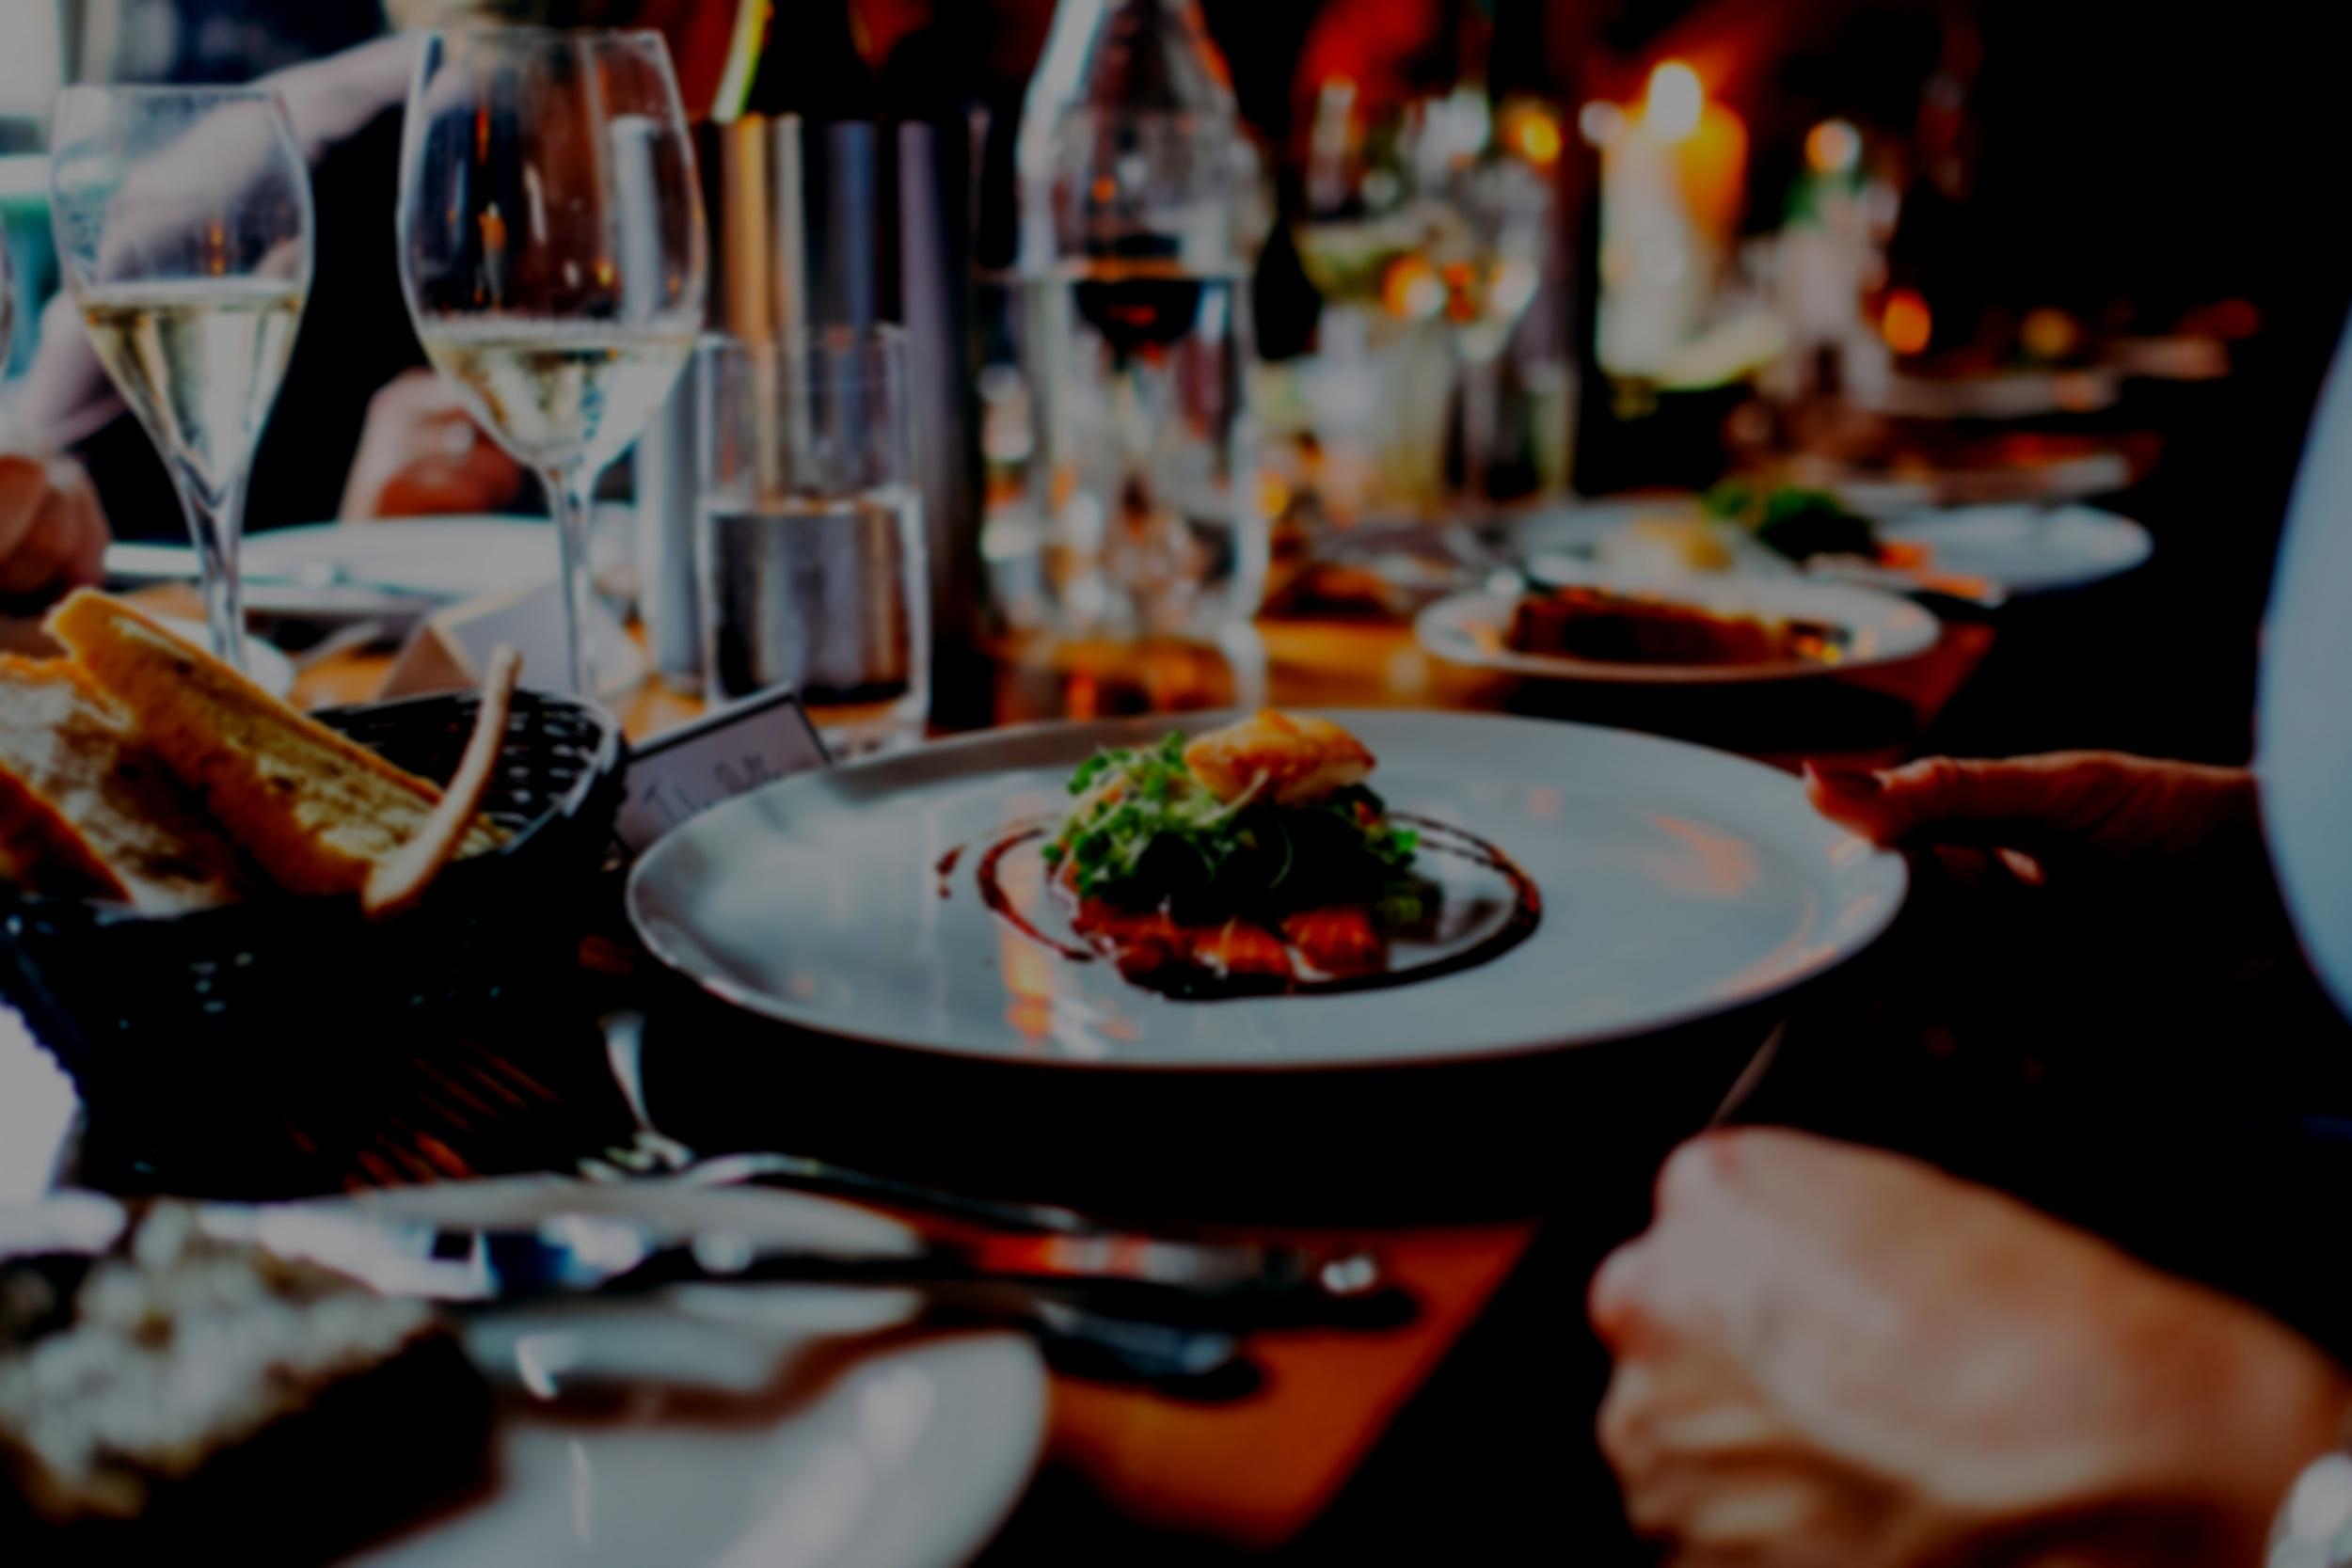 Feiern im Meschugge - Das Meschugge bietet viele Möglichkeiten für Feiern, von kleinen Geburtstagsgesellschaften, Familientreffen, Stammtischen bis hin zu exklusiven Firmenveranstaltungen und Hochzeiten.Schicken Sie uns einfach eine Anfrage per E-Mail.